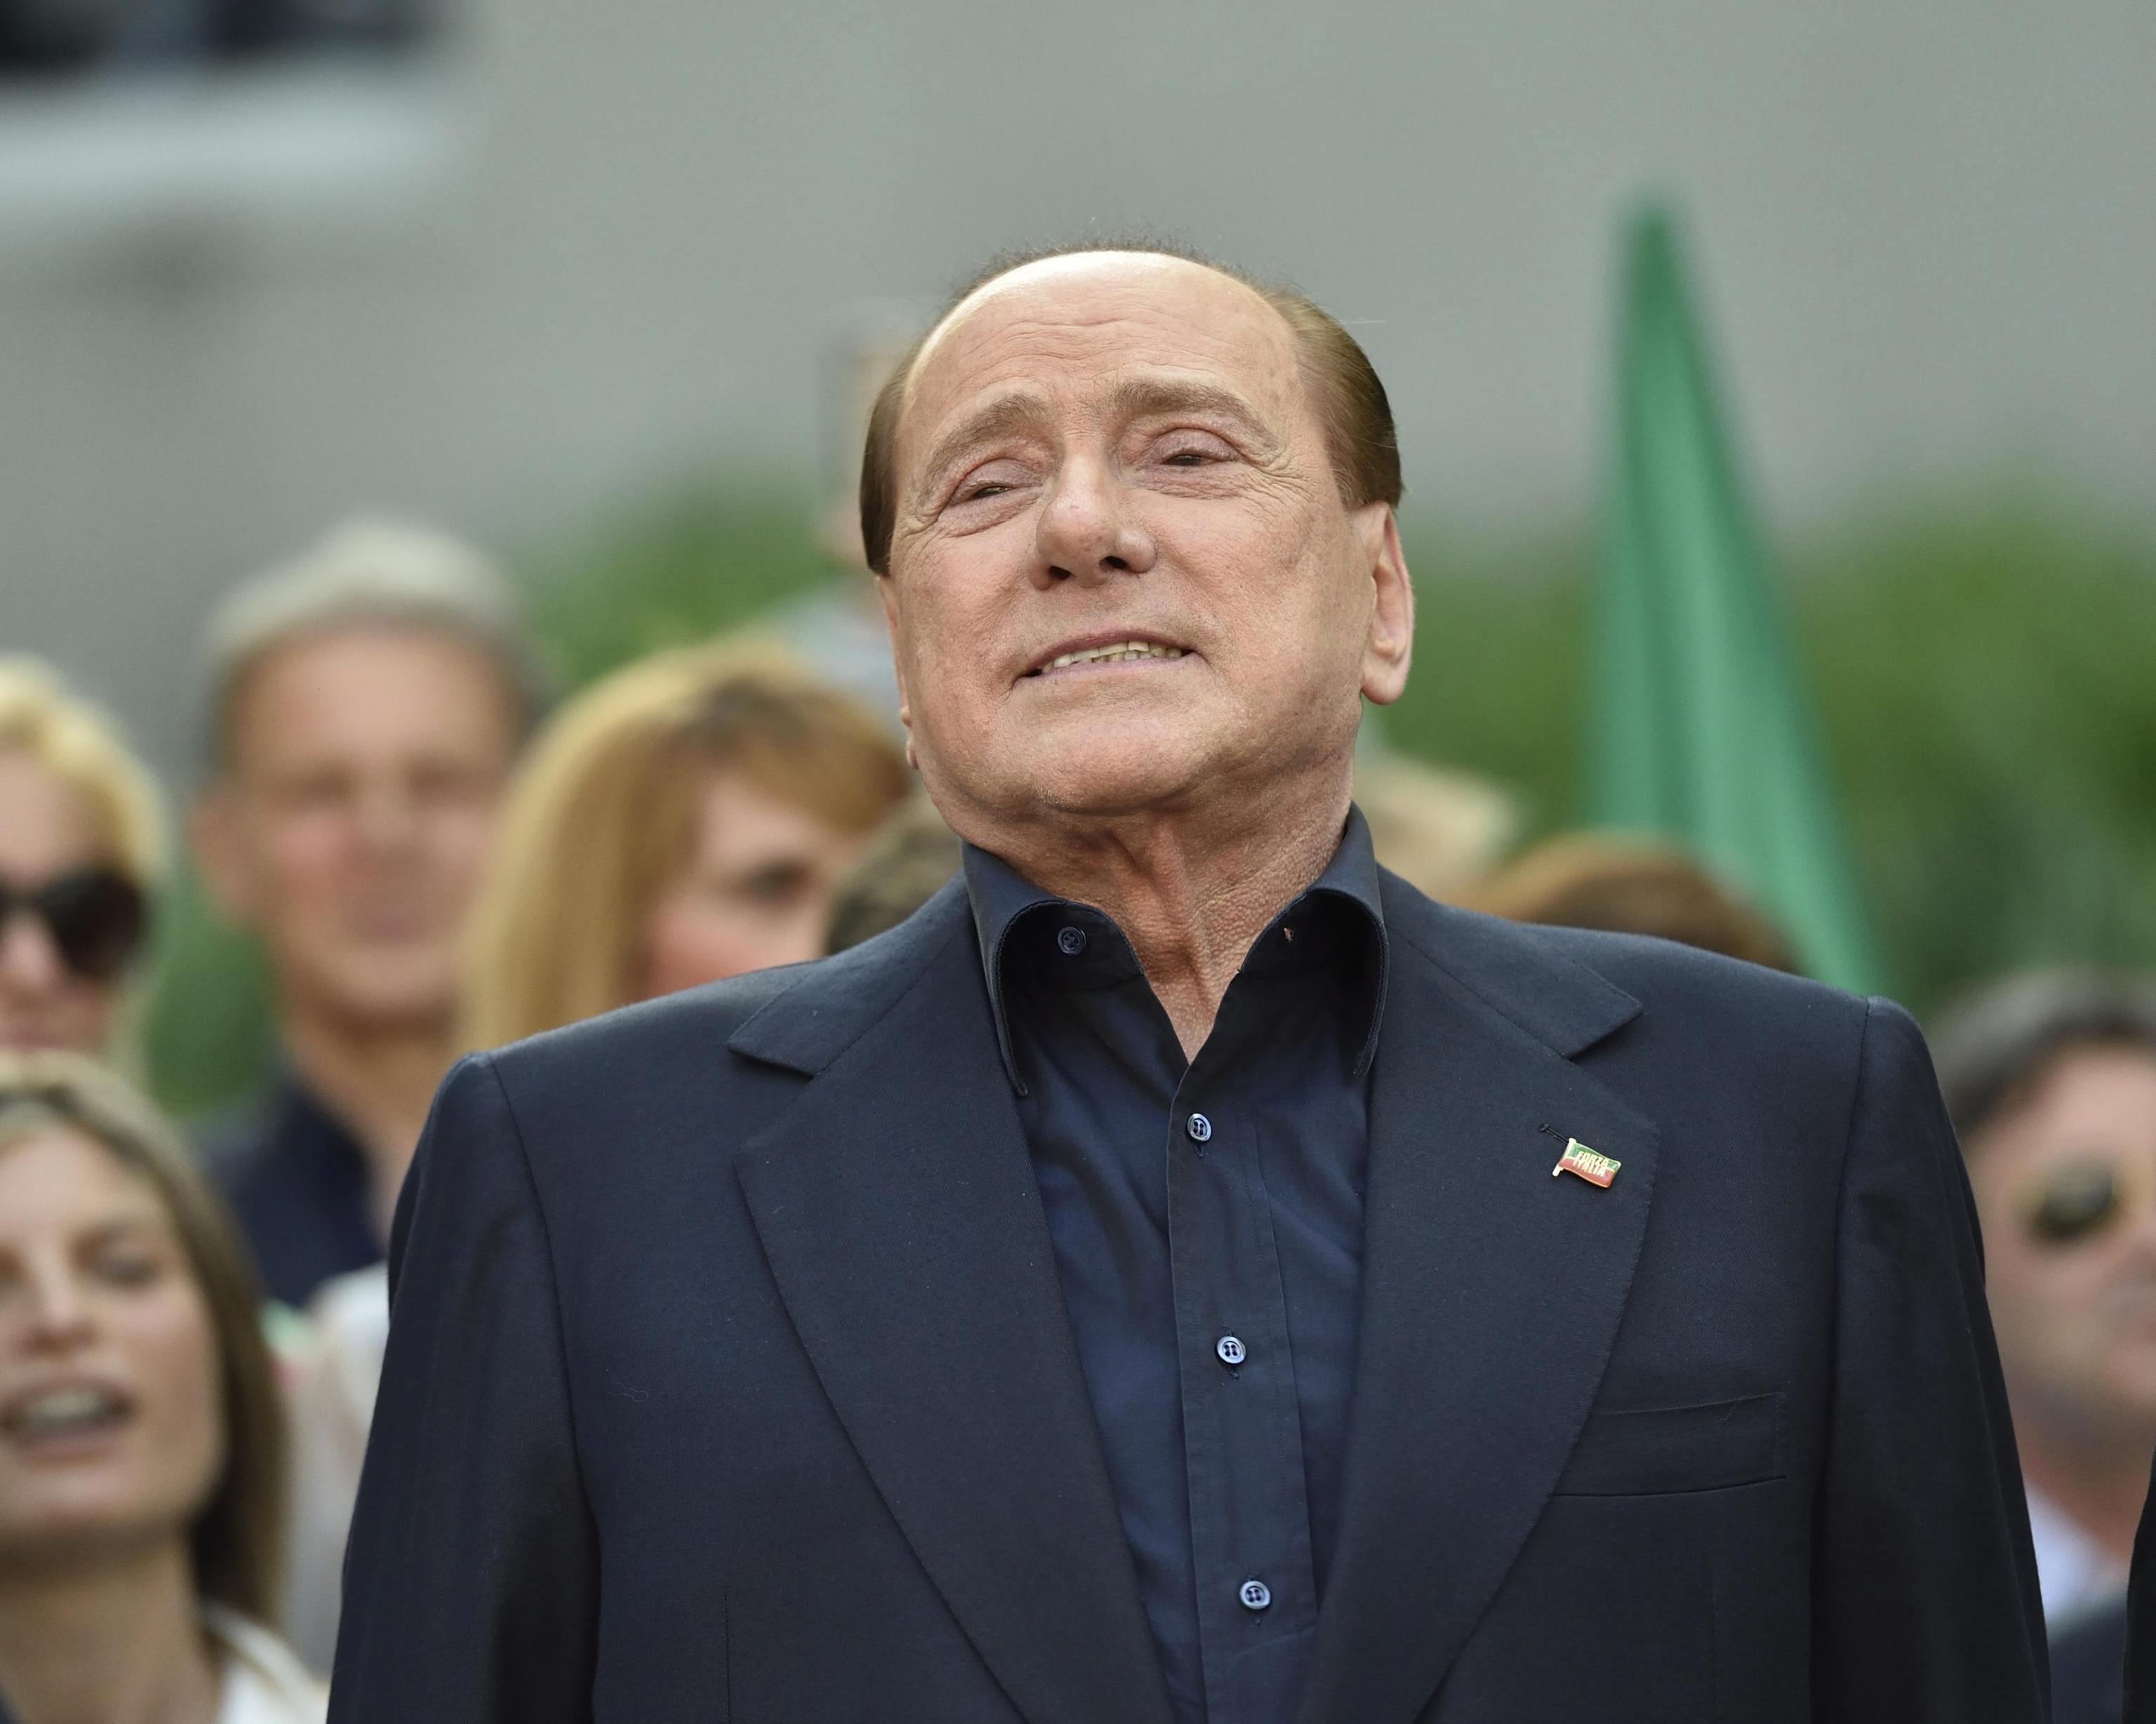 SKUPI RAZVOD: Berlusconi mora isplatiti supruzi 1.4 milijuna eura alimentacije